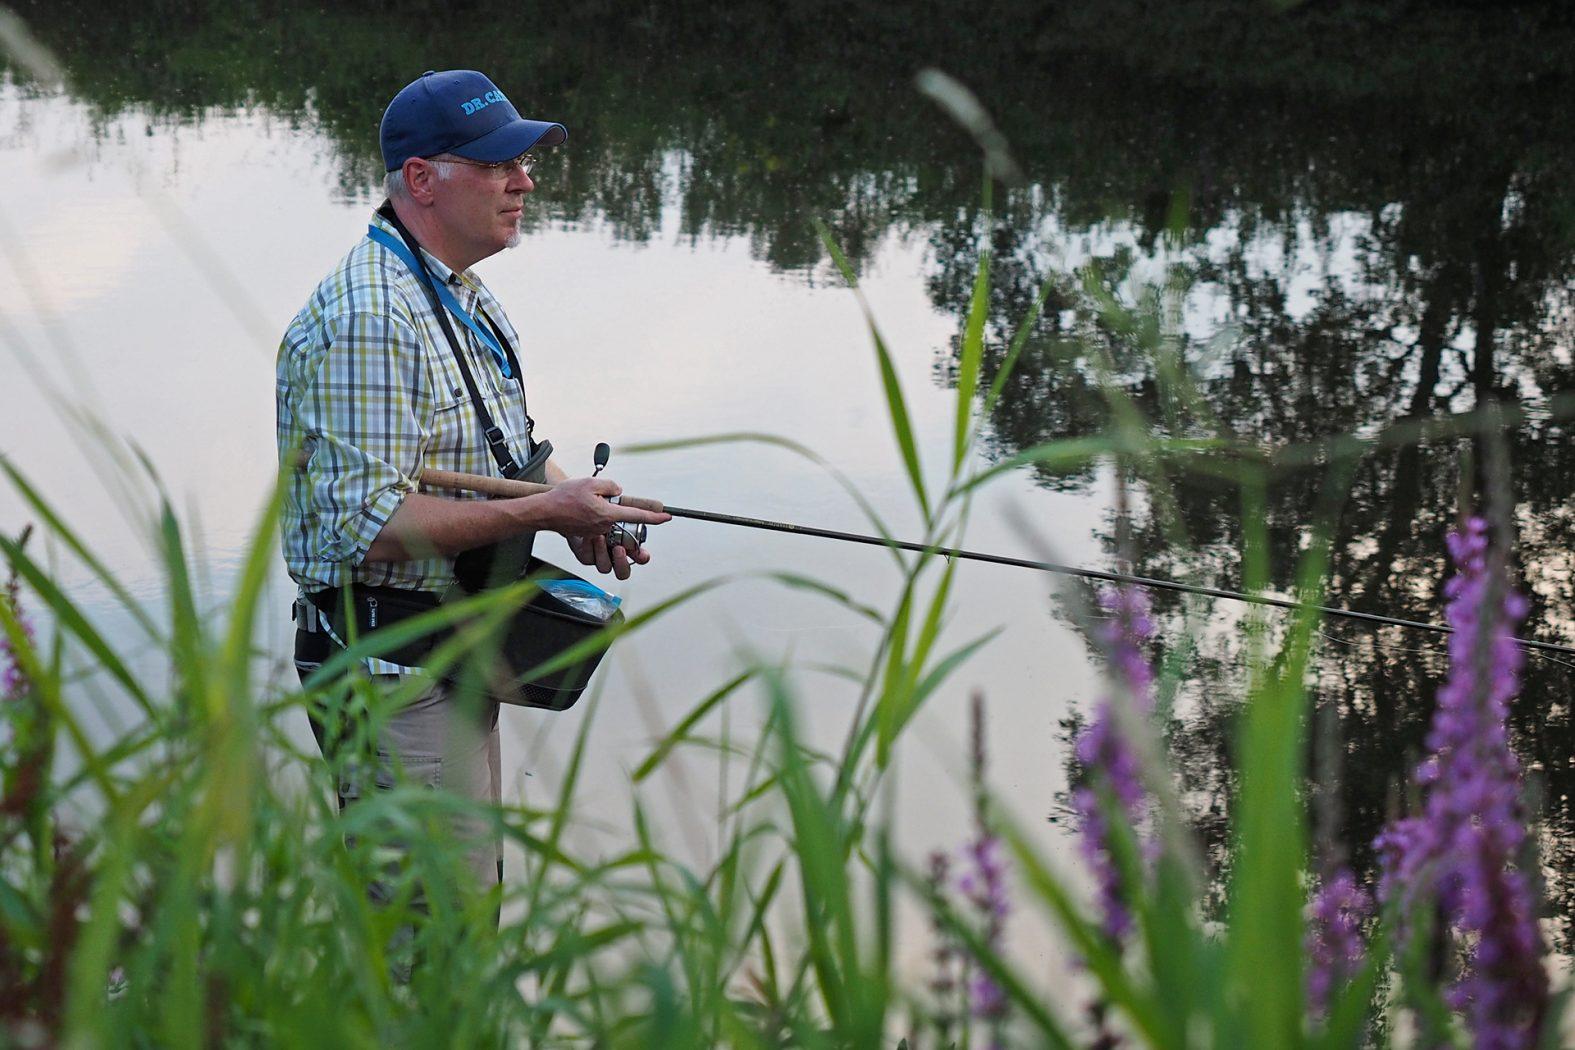 Schwimmbrot angeln im Fluss